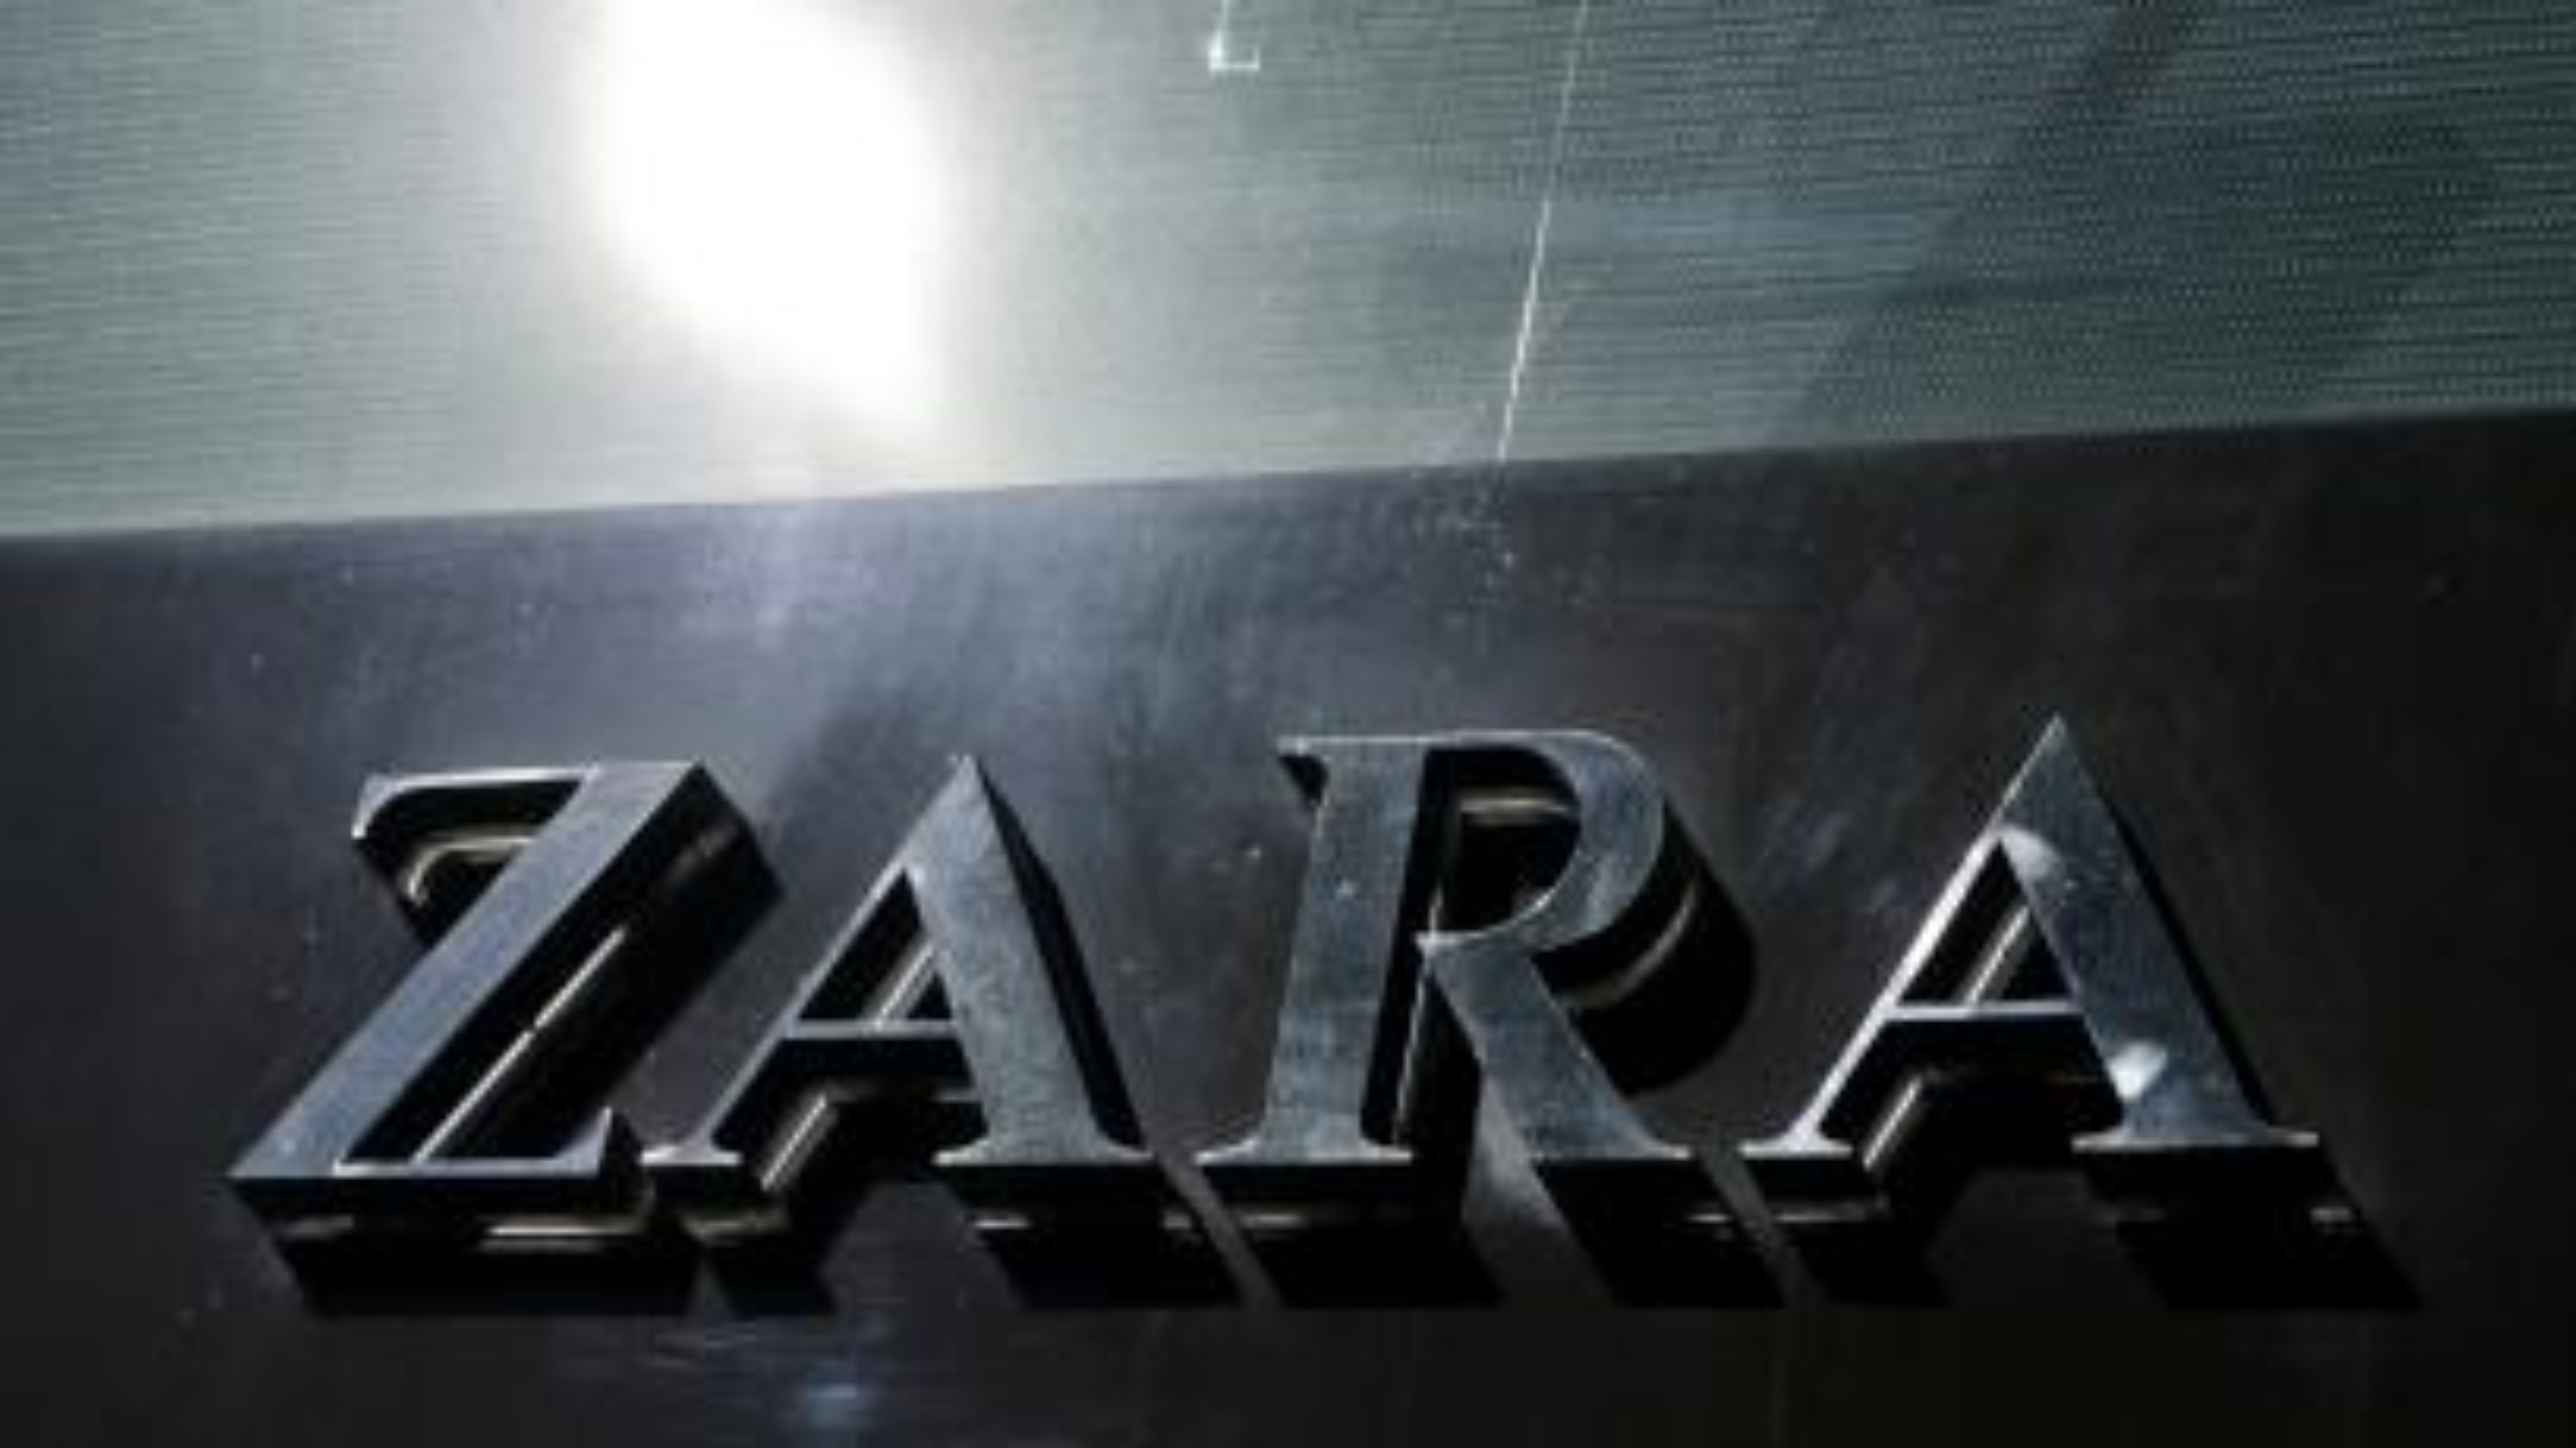 A Zara store logo shines in the sun